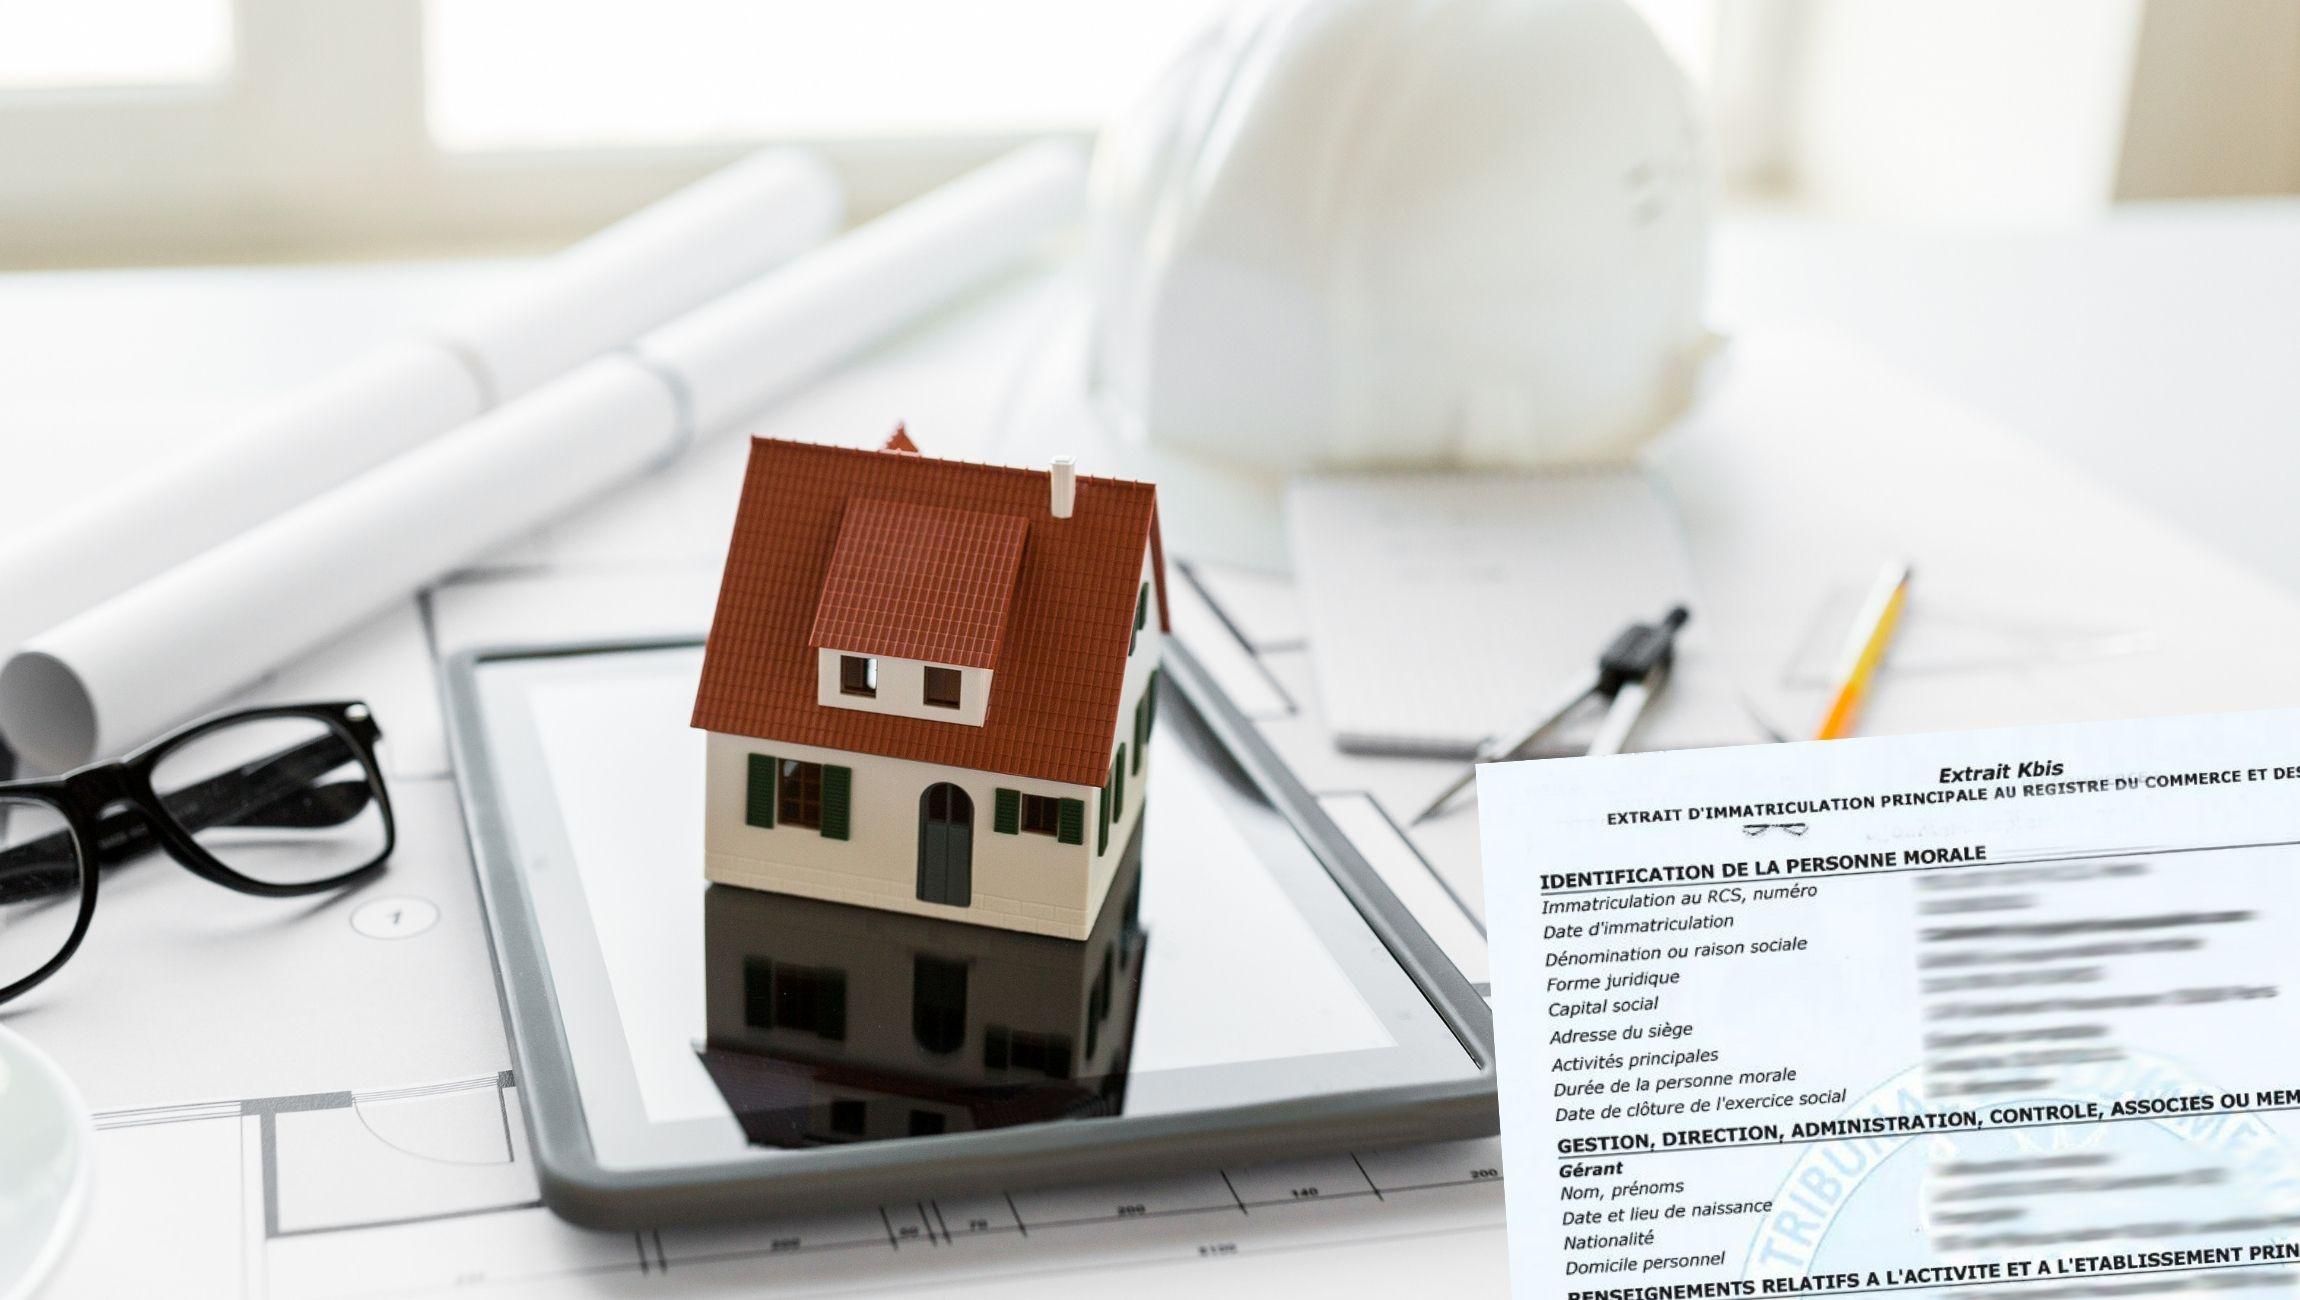 Extrait KBIS SCI société civile immobilière